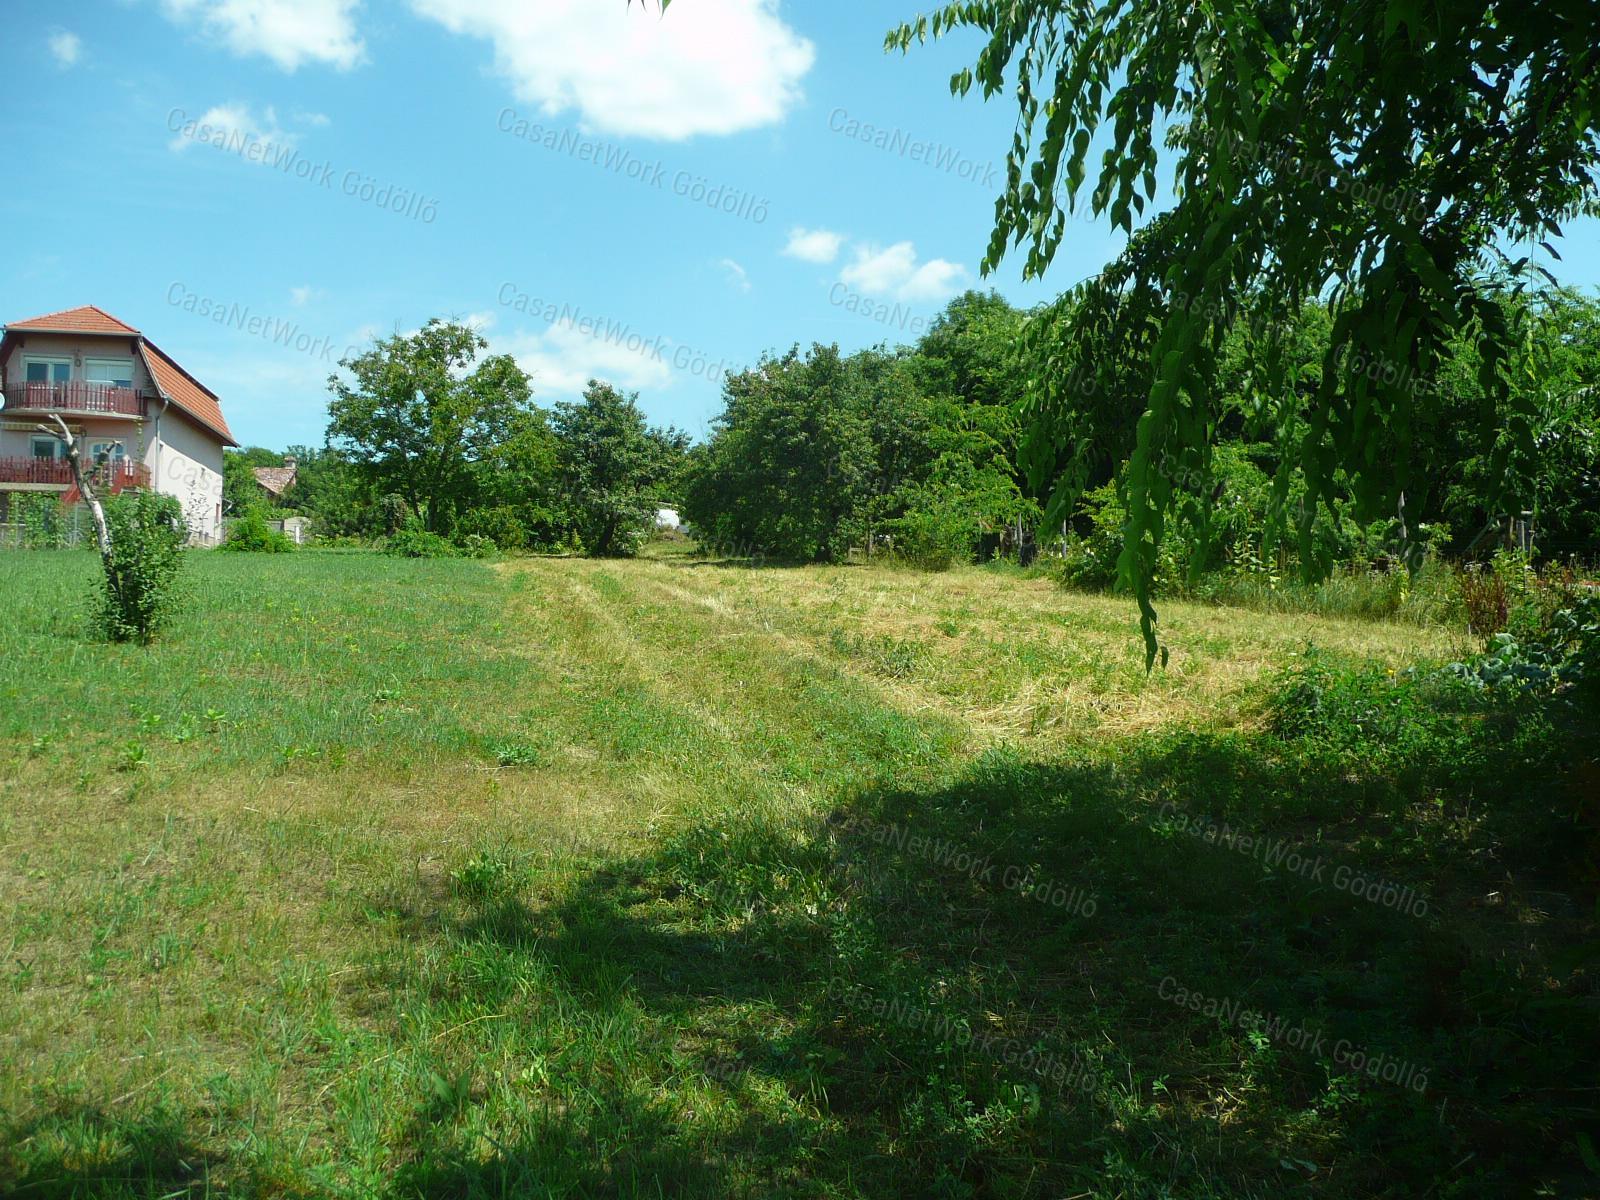 Eladó építési telek, Pest megye, Szada (Szőlőhegy) - sz.: 166400641 - CasaNetWork.hu